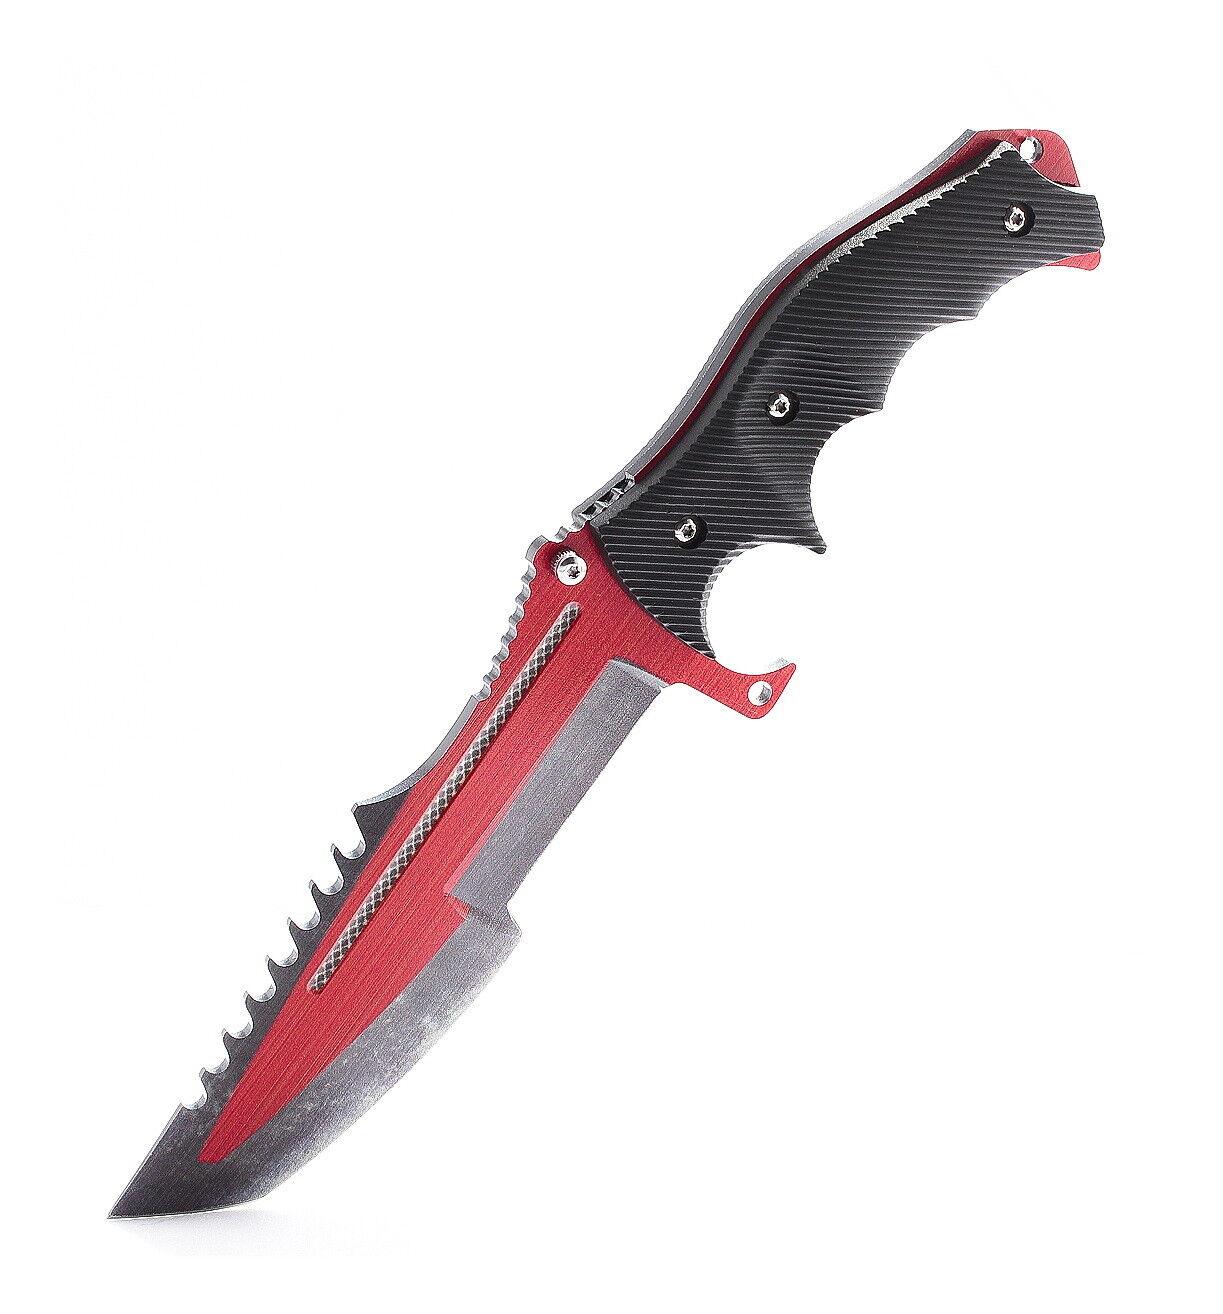 CSGO CSGO CSGO Huntsman Knife - Autotronic - Real Knife Skins CSGO Sammelmesser Gaming FN  | Großer Räumungsverkauf  ecc876